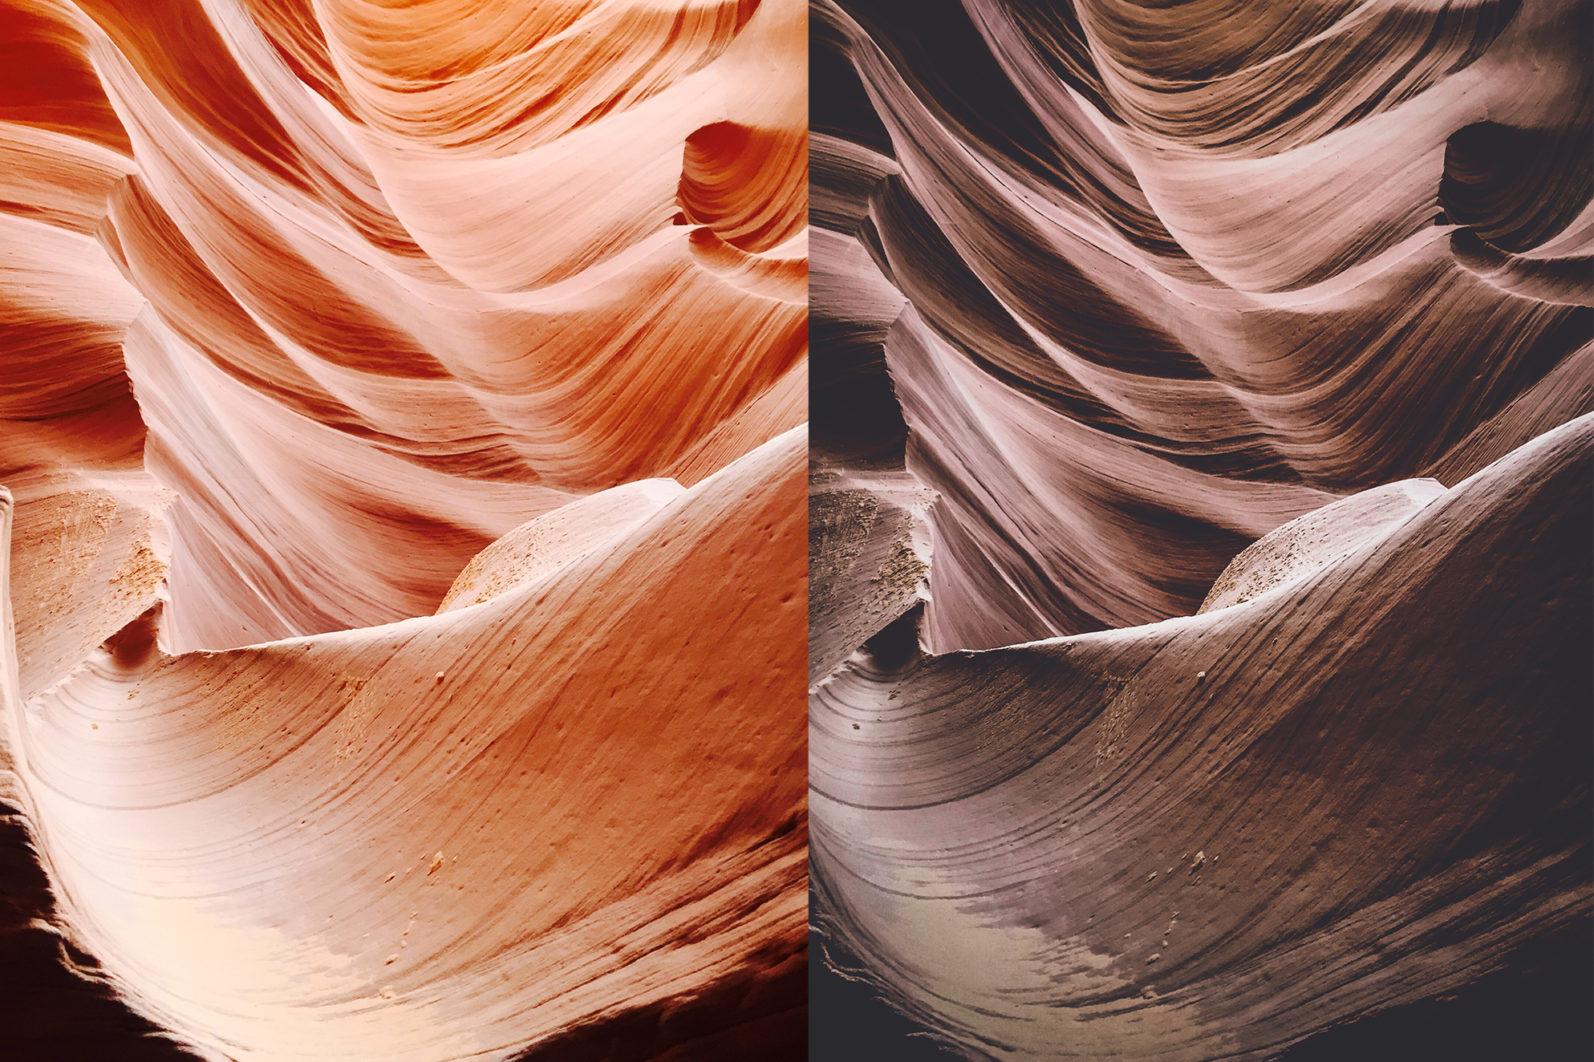 10 x Moody Landscape Lightroom Presets, Travel Presets | Mobile and Desktop - 4 Moody Landscapes 1 -